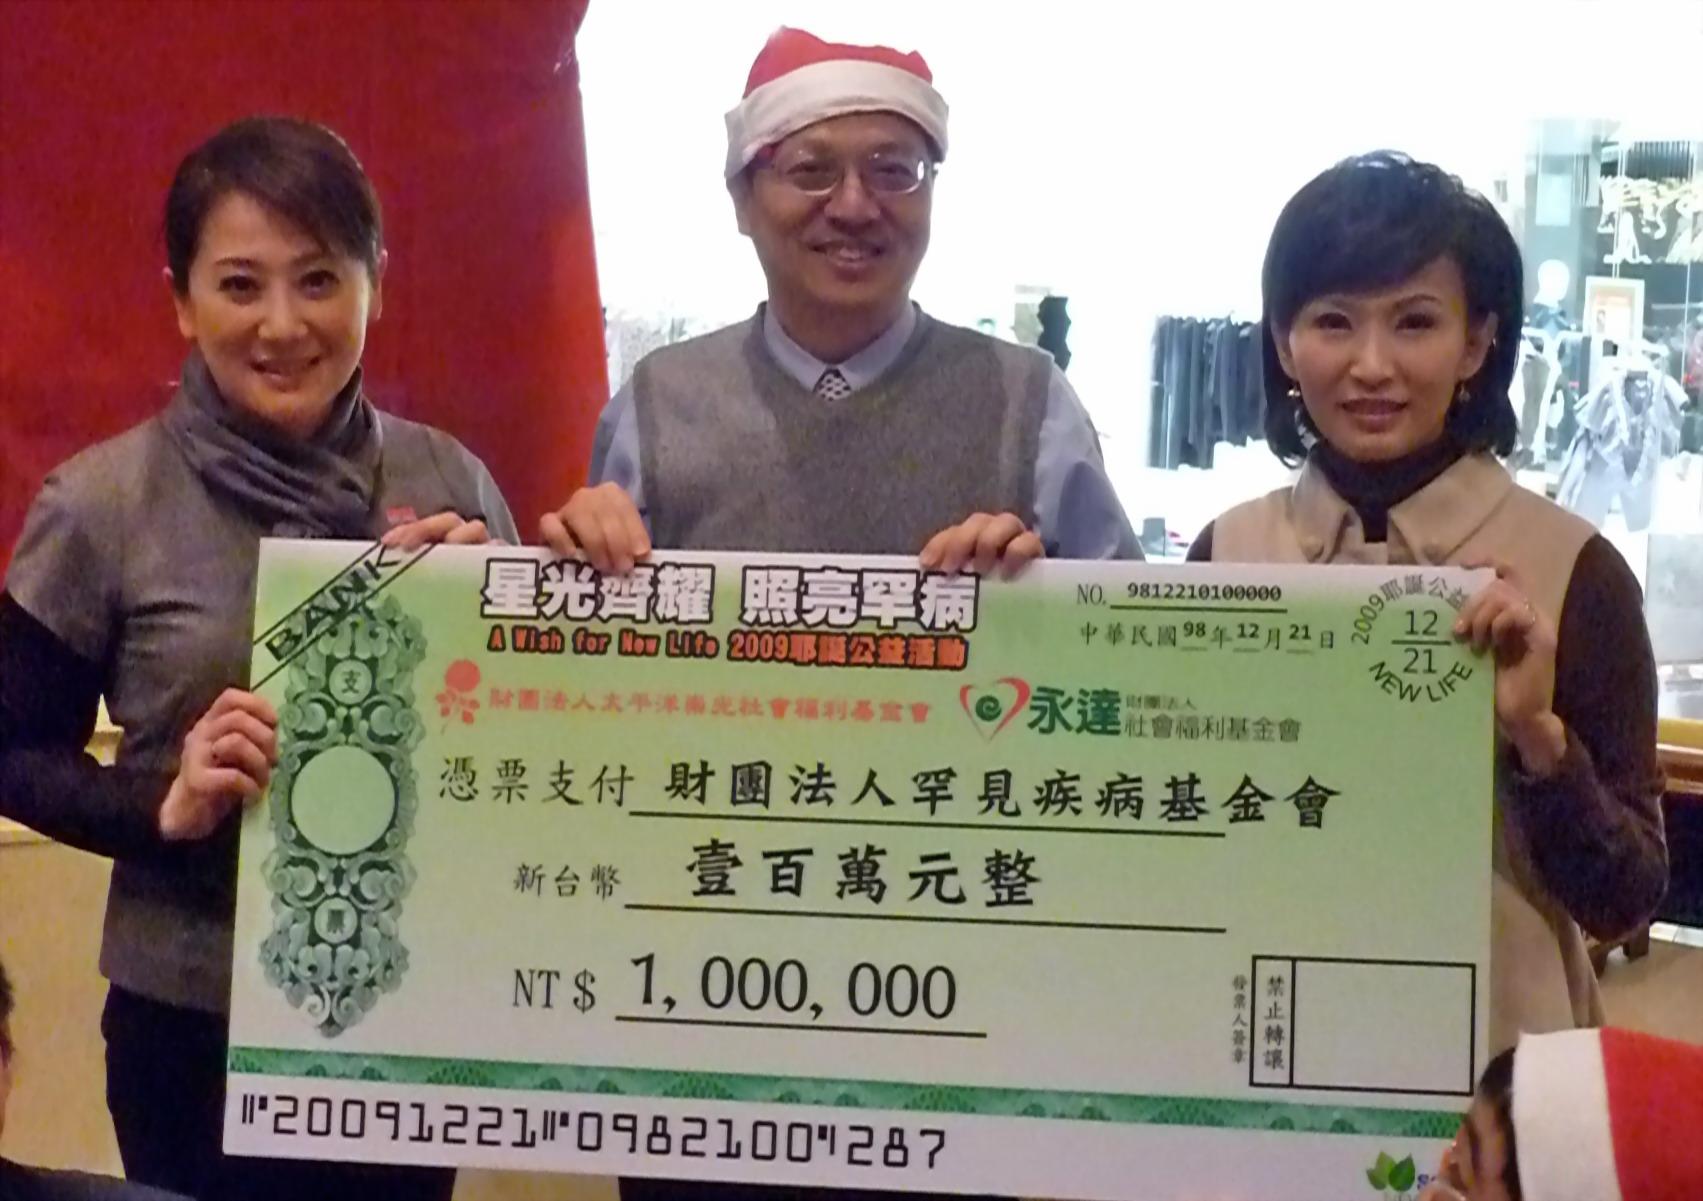 「星光齊耀‧照亮罕病」耶誕圓夢義賣會募得100萬元,捐給「財團法人罕見疾病基金會」將作為罕病兒童補助用藥經費。